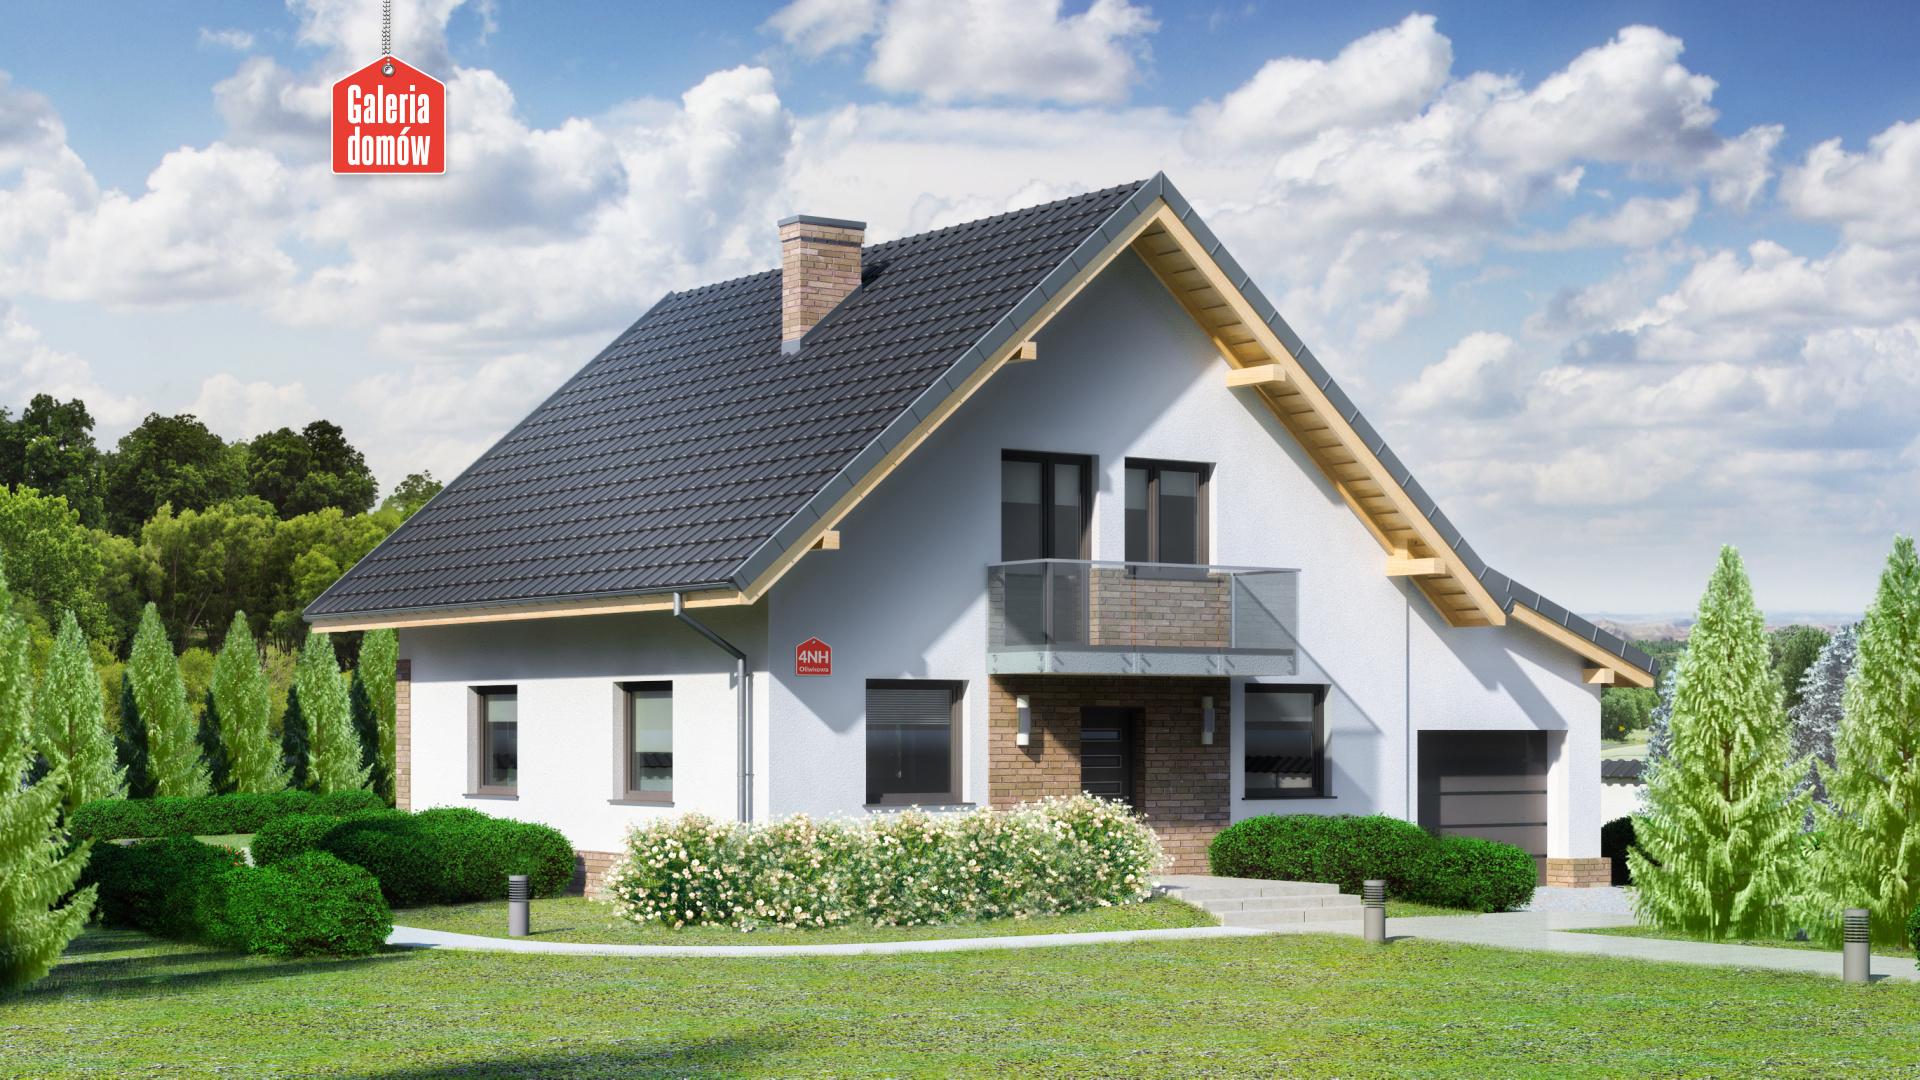 Dom przy Oliwkowej 4 NH - zdjęcie projektu i wizualizacja